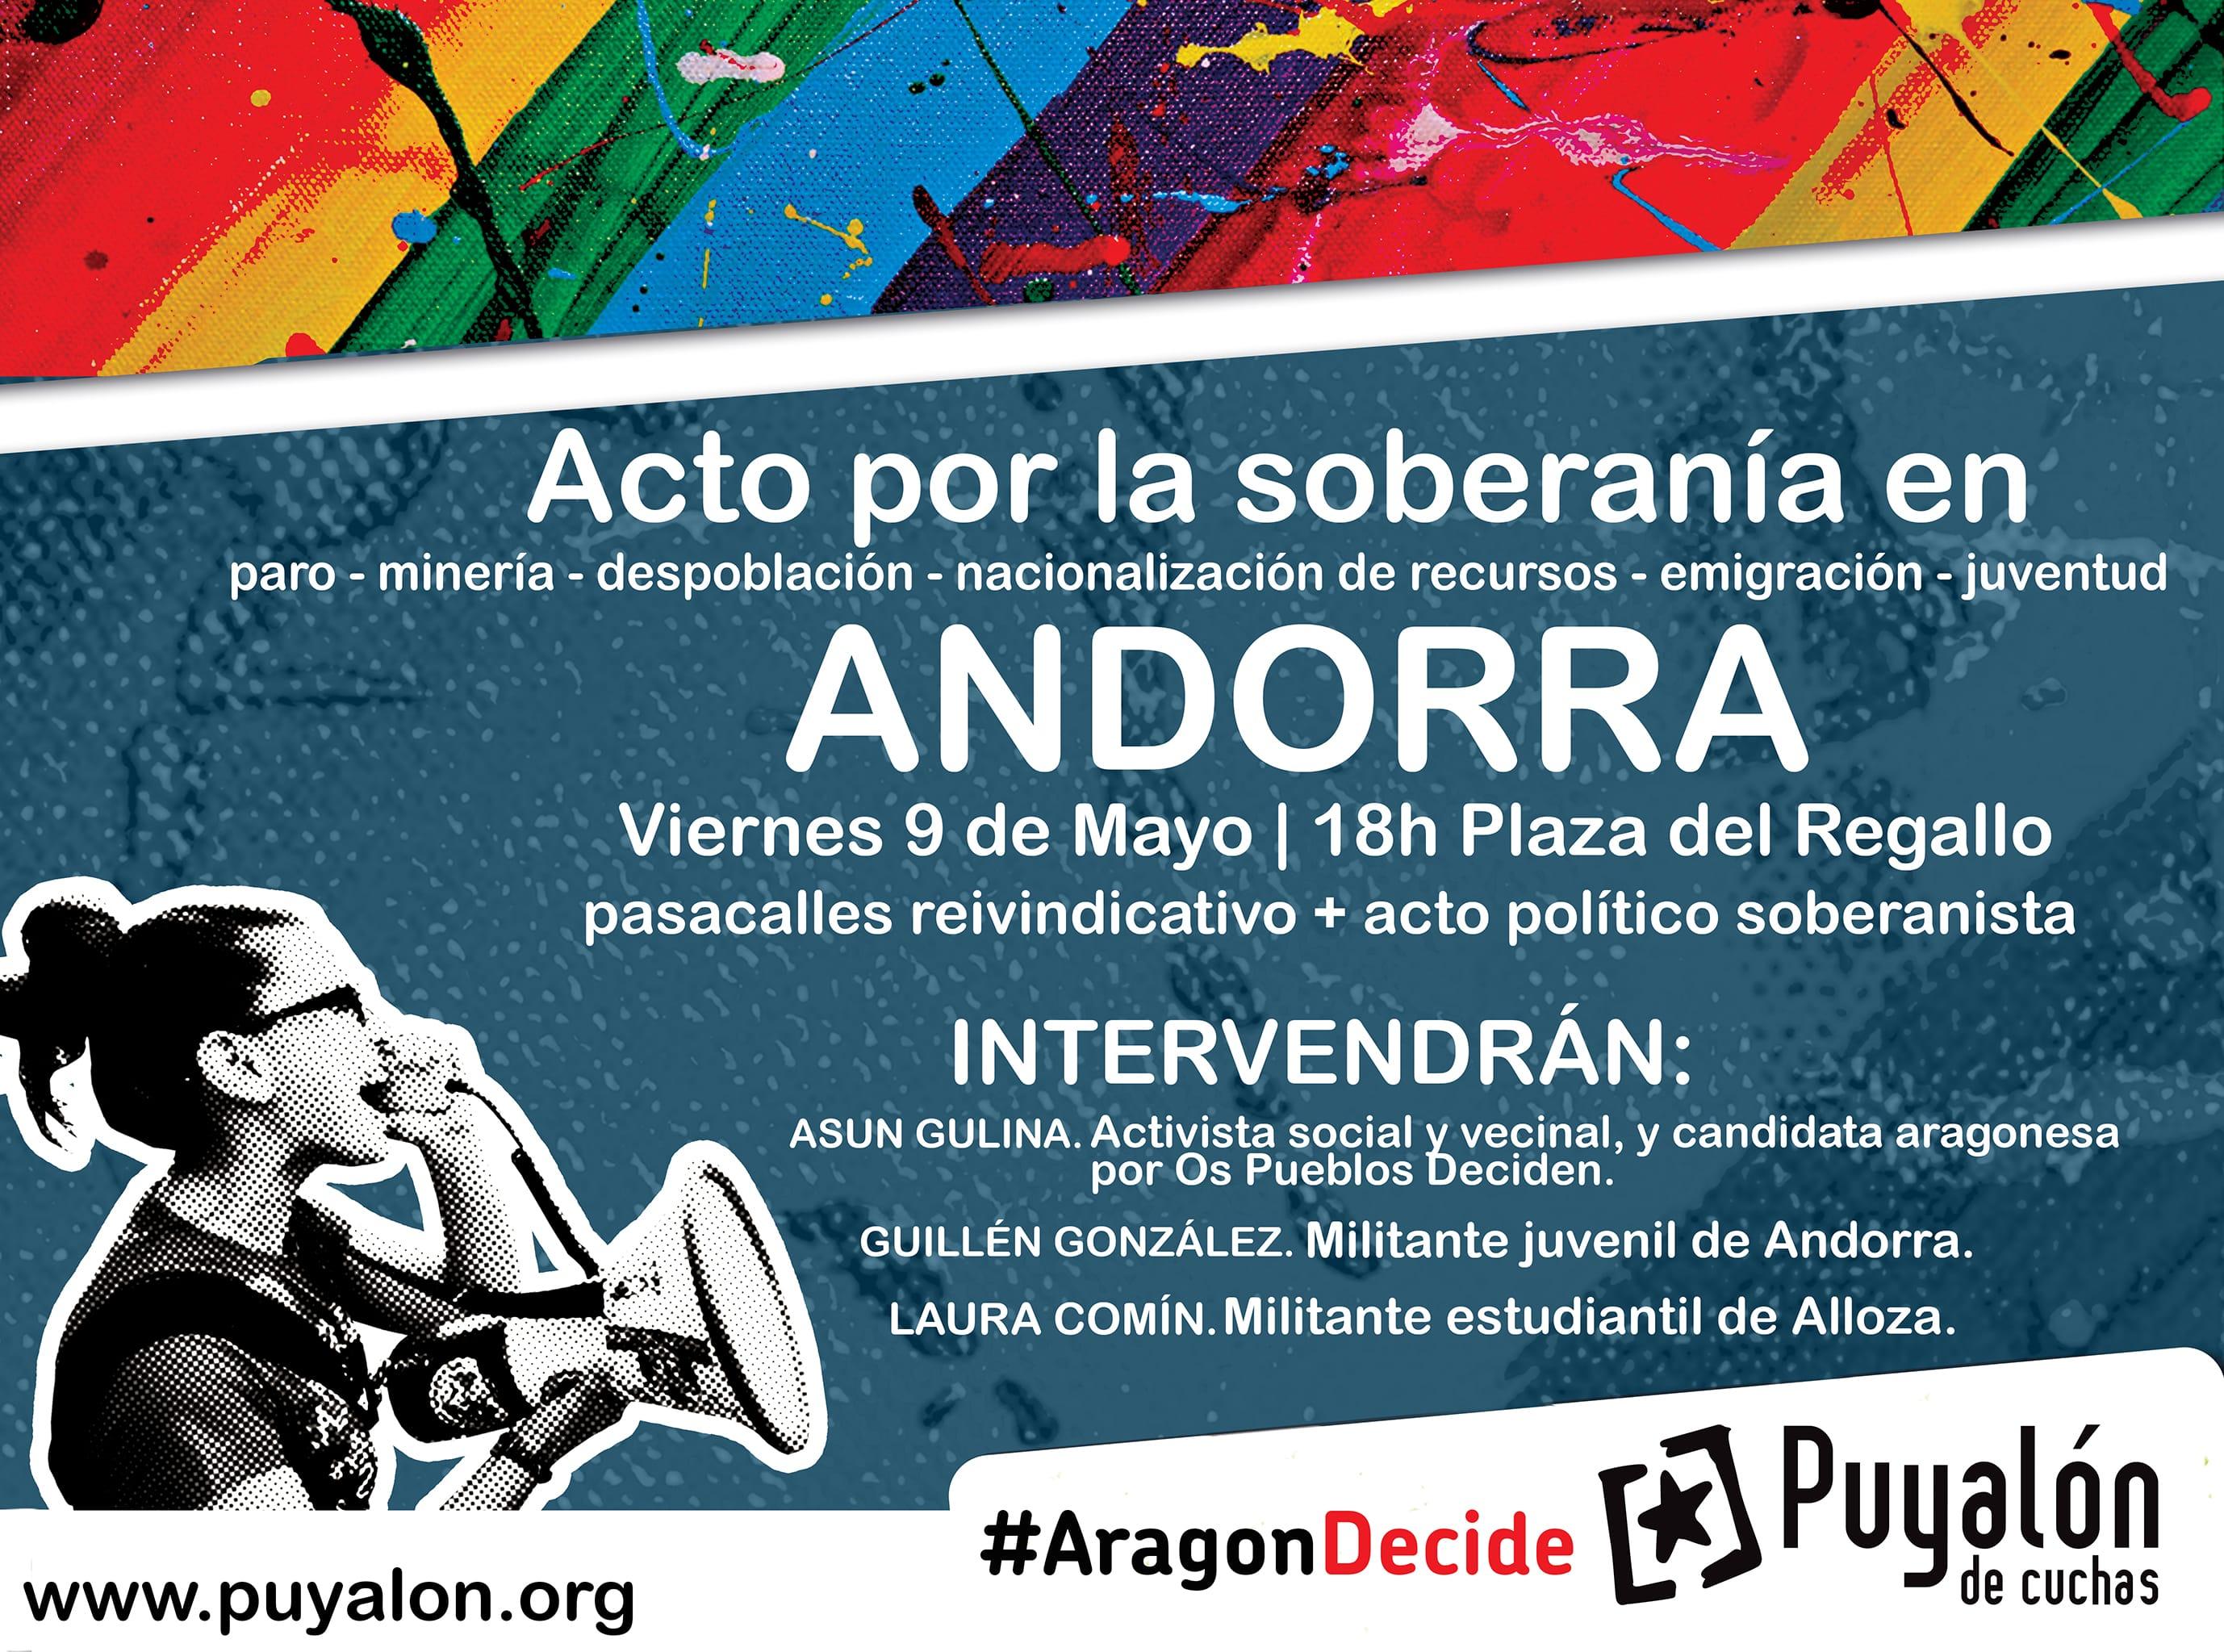 cartel ANdorra baixo aragon redes